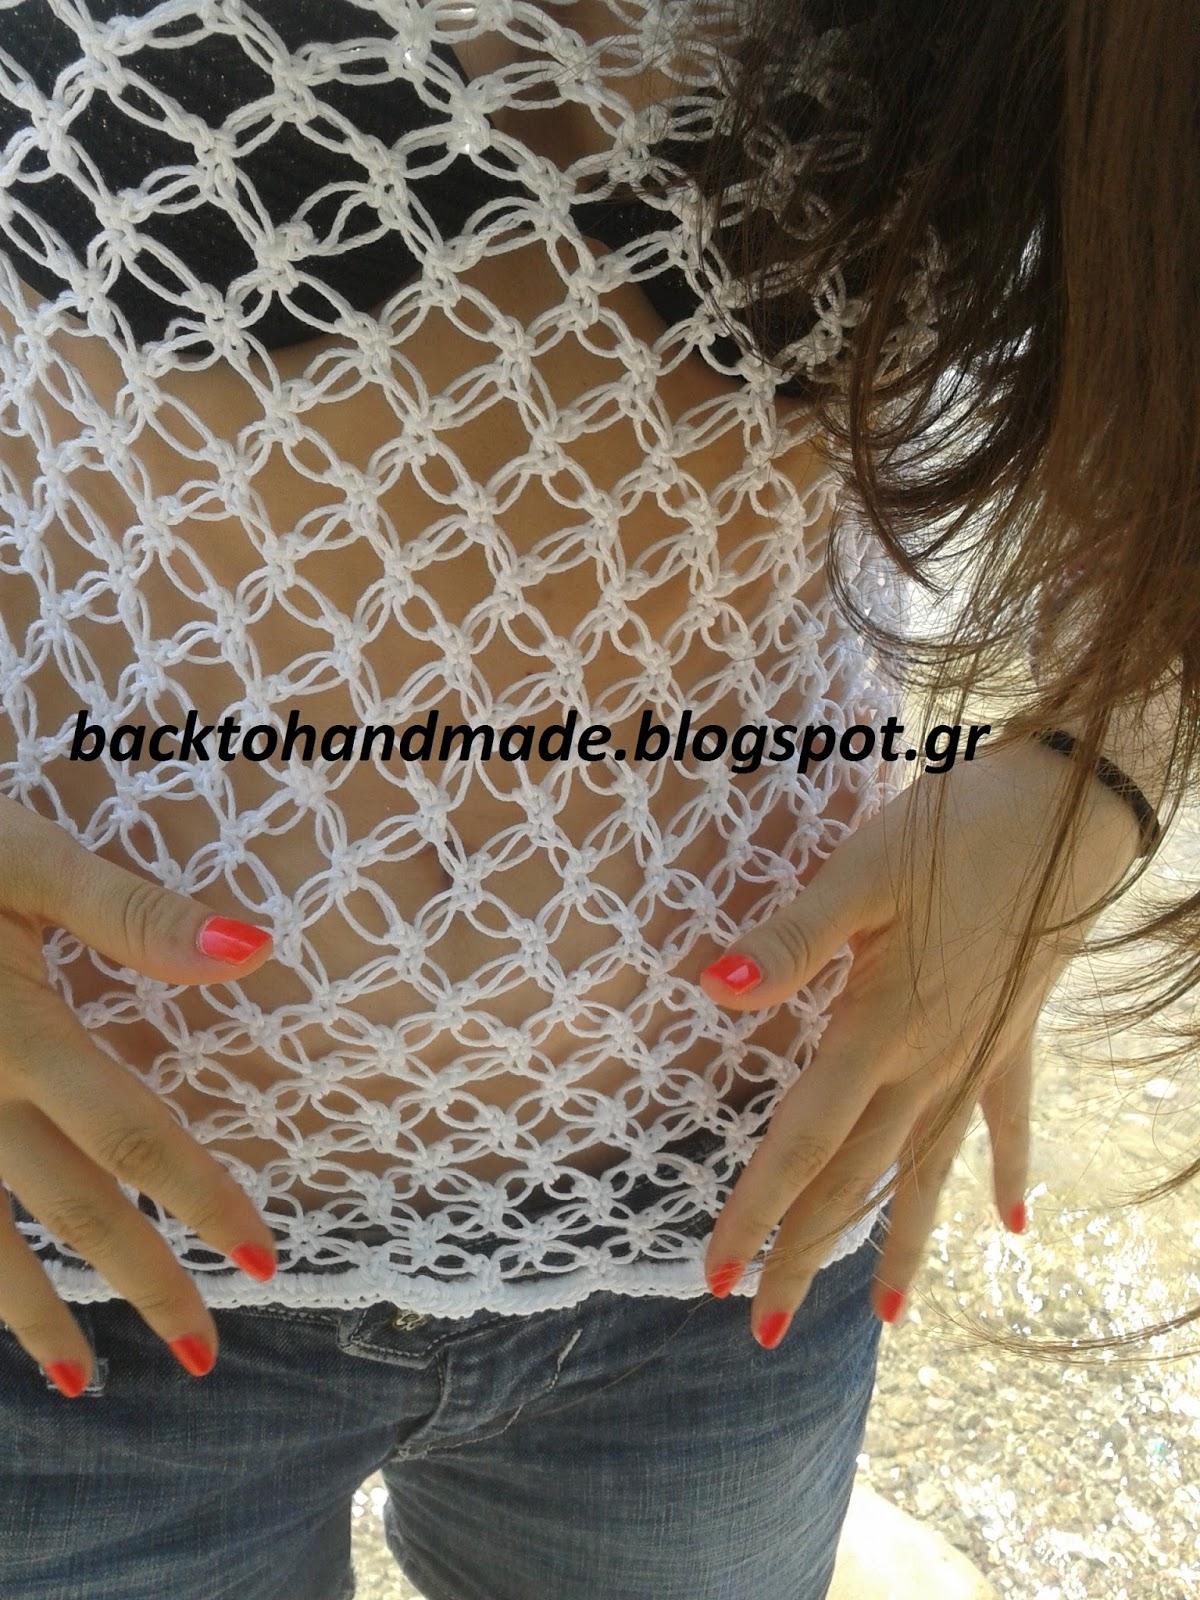 41d1d6e816a3 Πλεκτό μπλουζάκι! - Back To Handmade